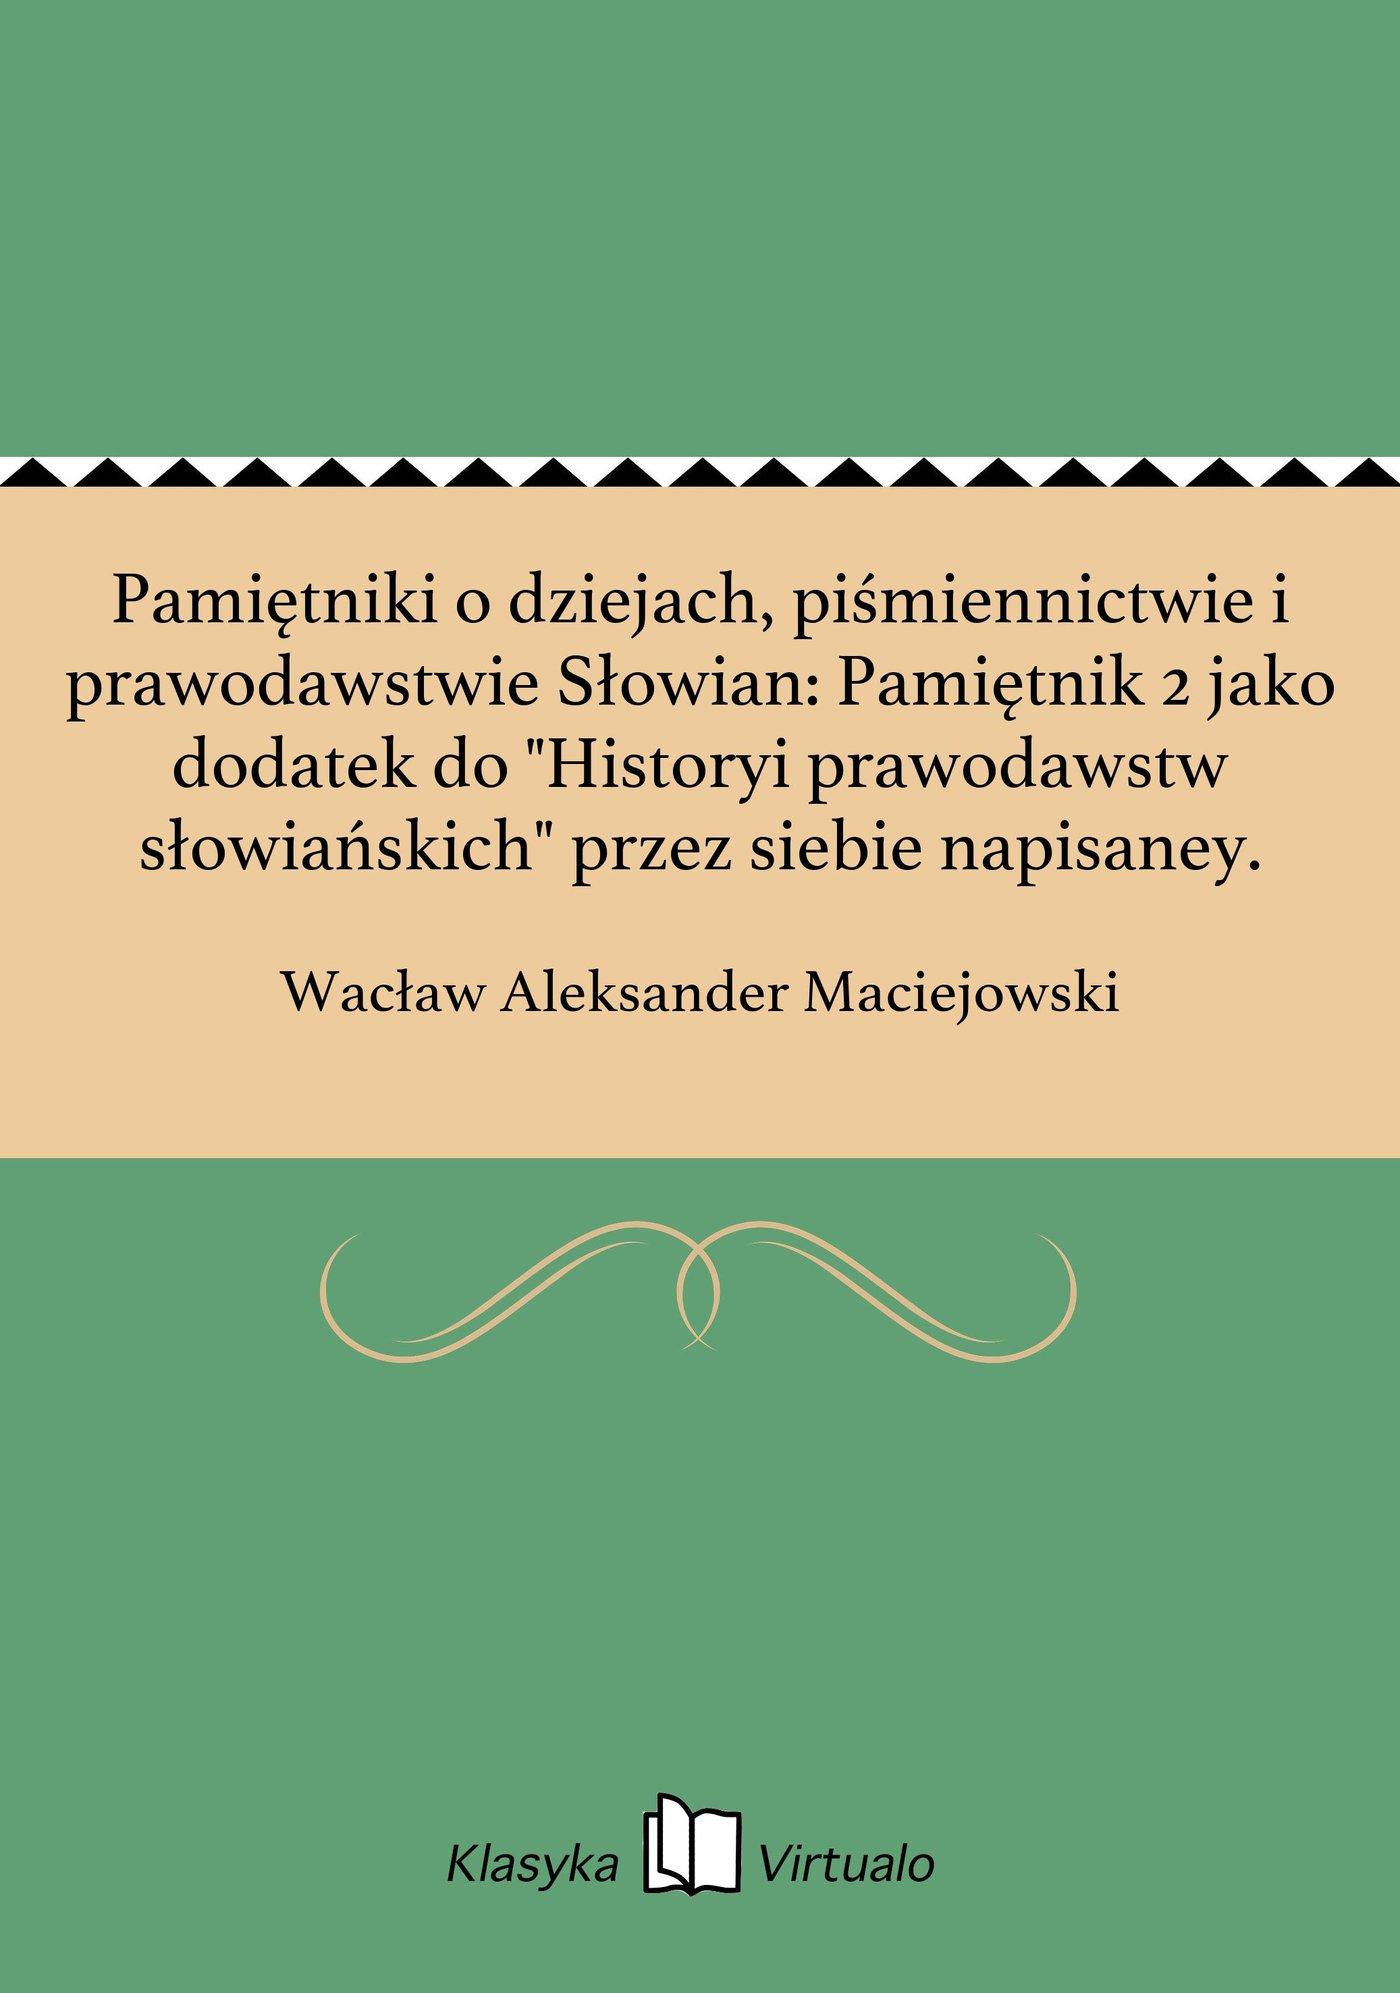 """Pamiętniki o dziejach, piśmiennictwie i prawodawstwie Słowian: Pamiętnik 2 jako dodatek do """"Historyi prawodawstw słowiańskich"""" przez siebie napisaney. - Ebook (Książka EPUB) do pobrania w formacie EPUB"""